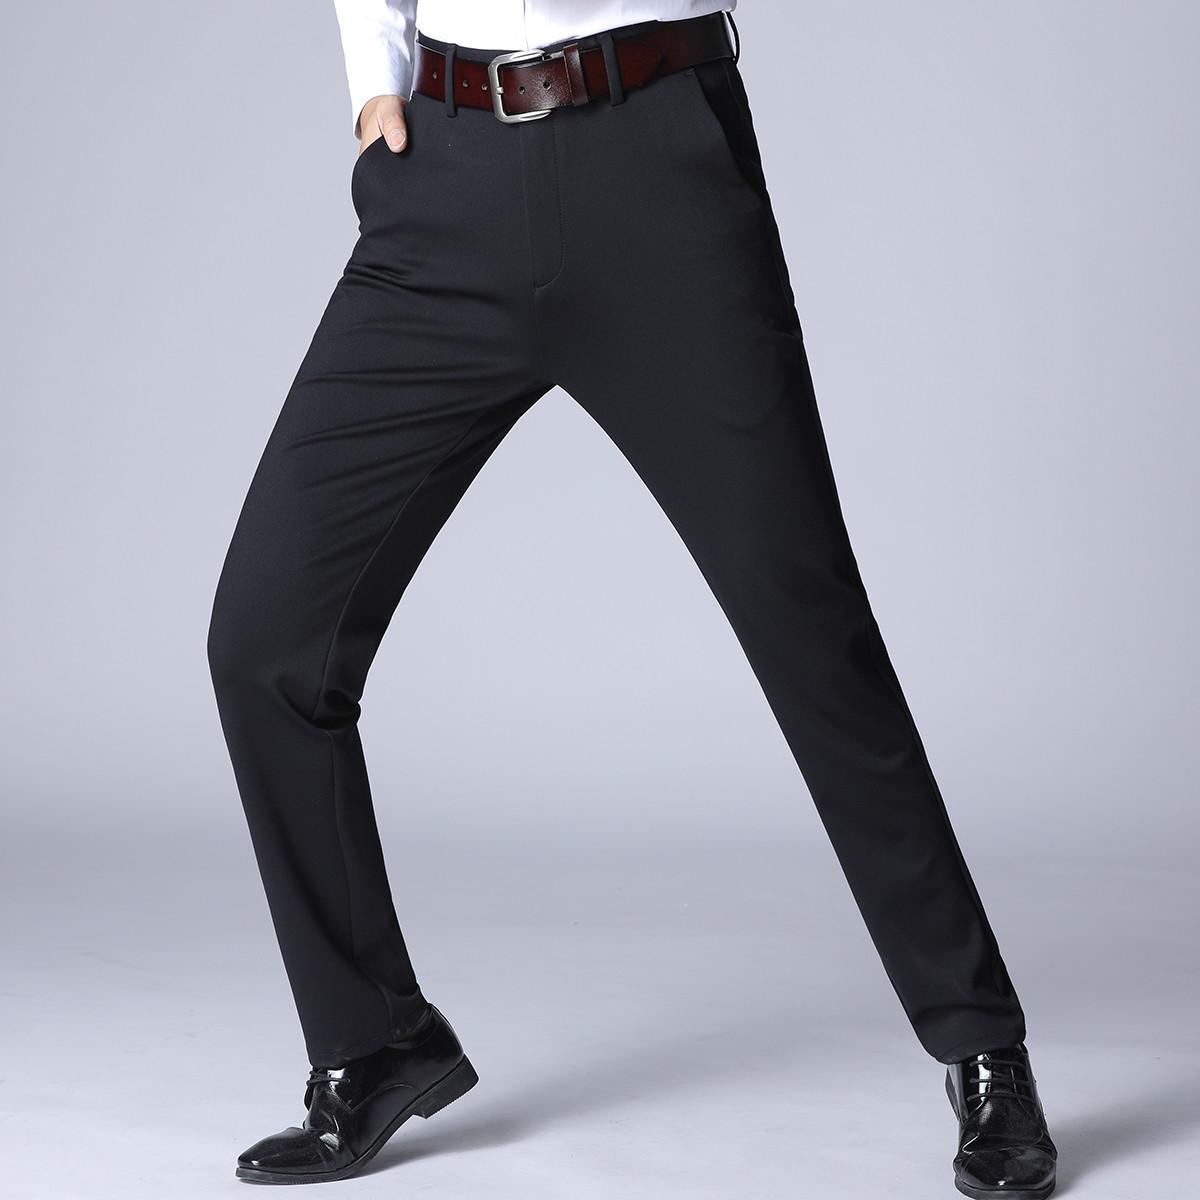 鳄鱼恤鳄鱼恤专柜款男裤子秋冬商务弹力修身休闲裤男裤603C19101302